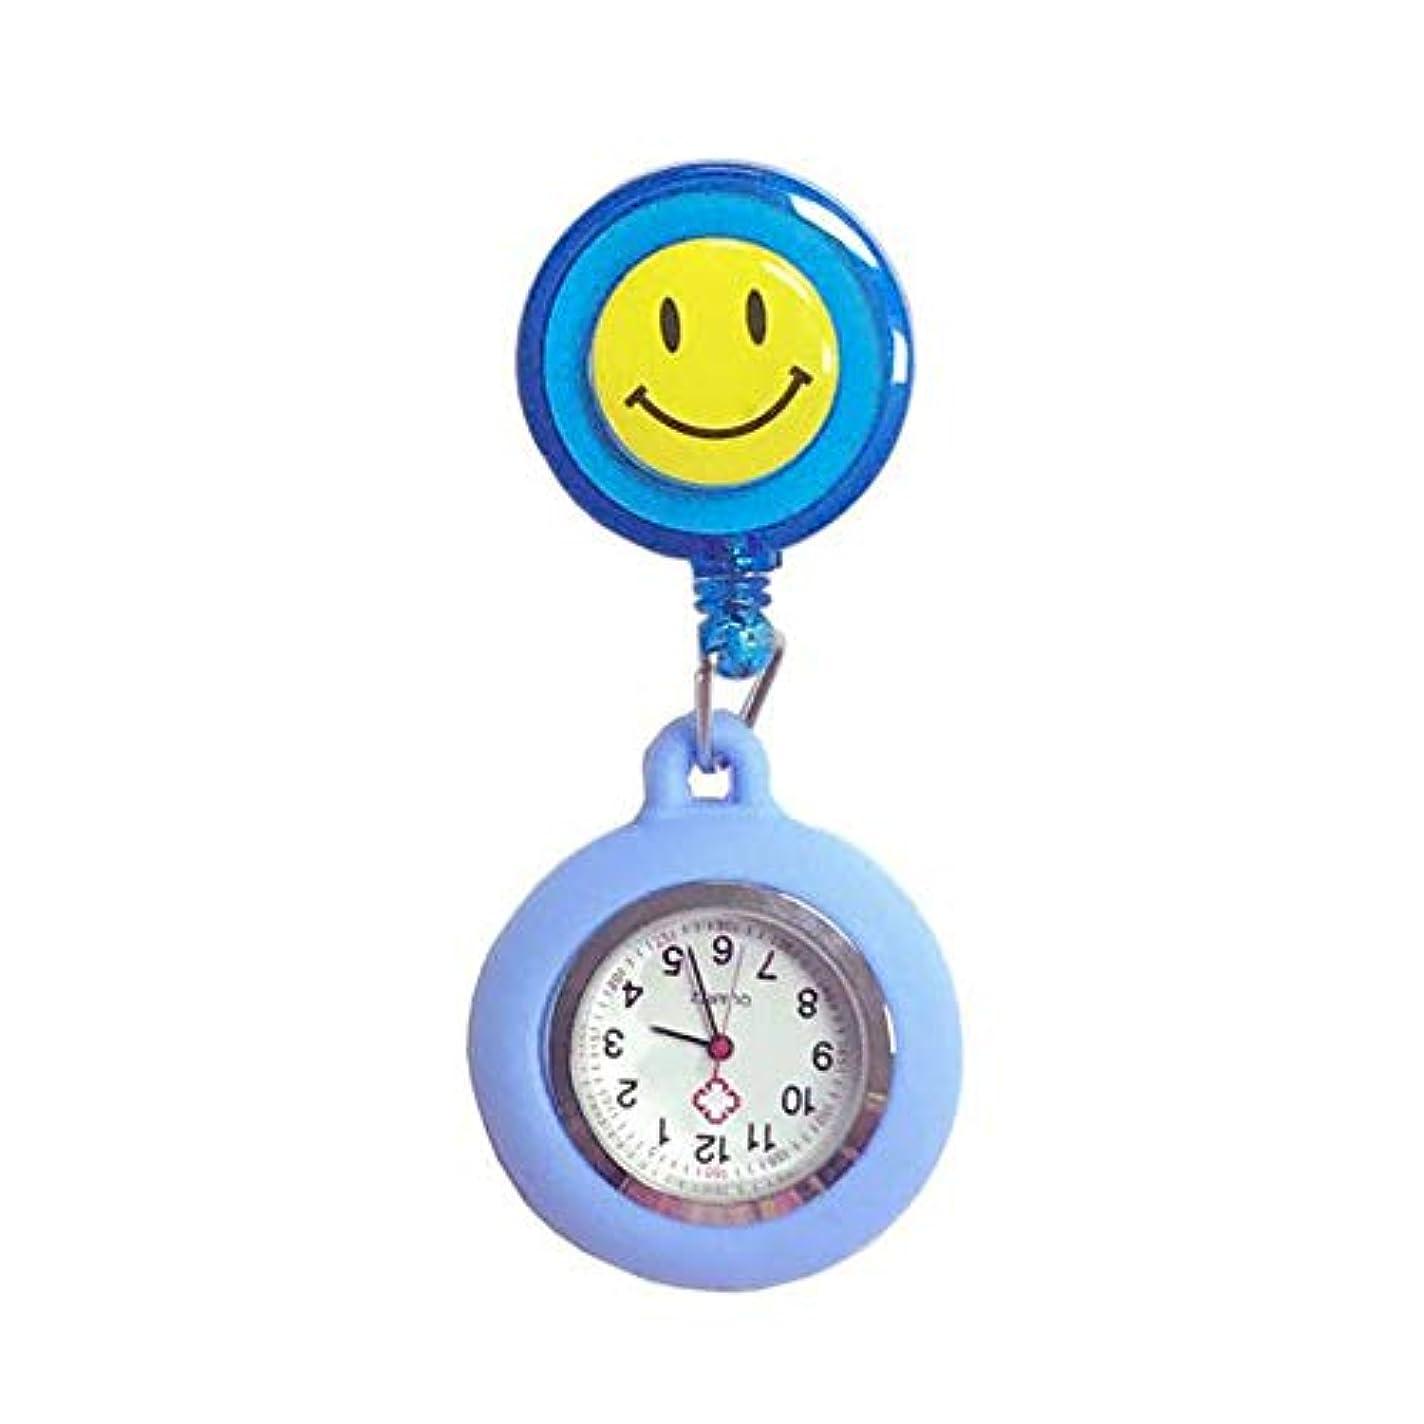 招待社会移行chaselpod ナースウォッチ 看護師時計 懐中時計 ポケットウォッチ 見やすい レディース かわいい 笑顔 シリコンカバー付き 伸張可能 介護士 最適 男女兼用